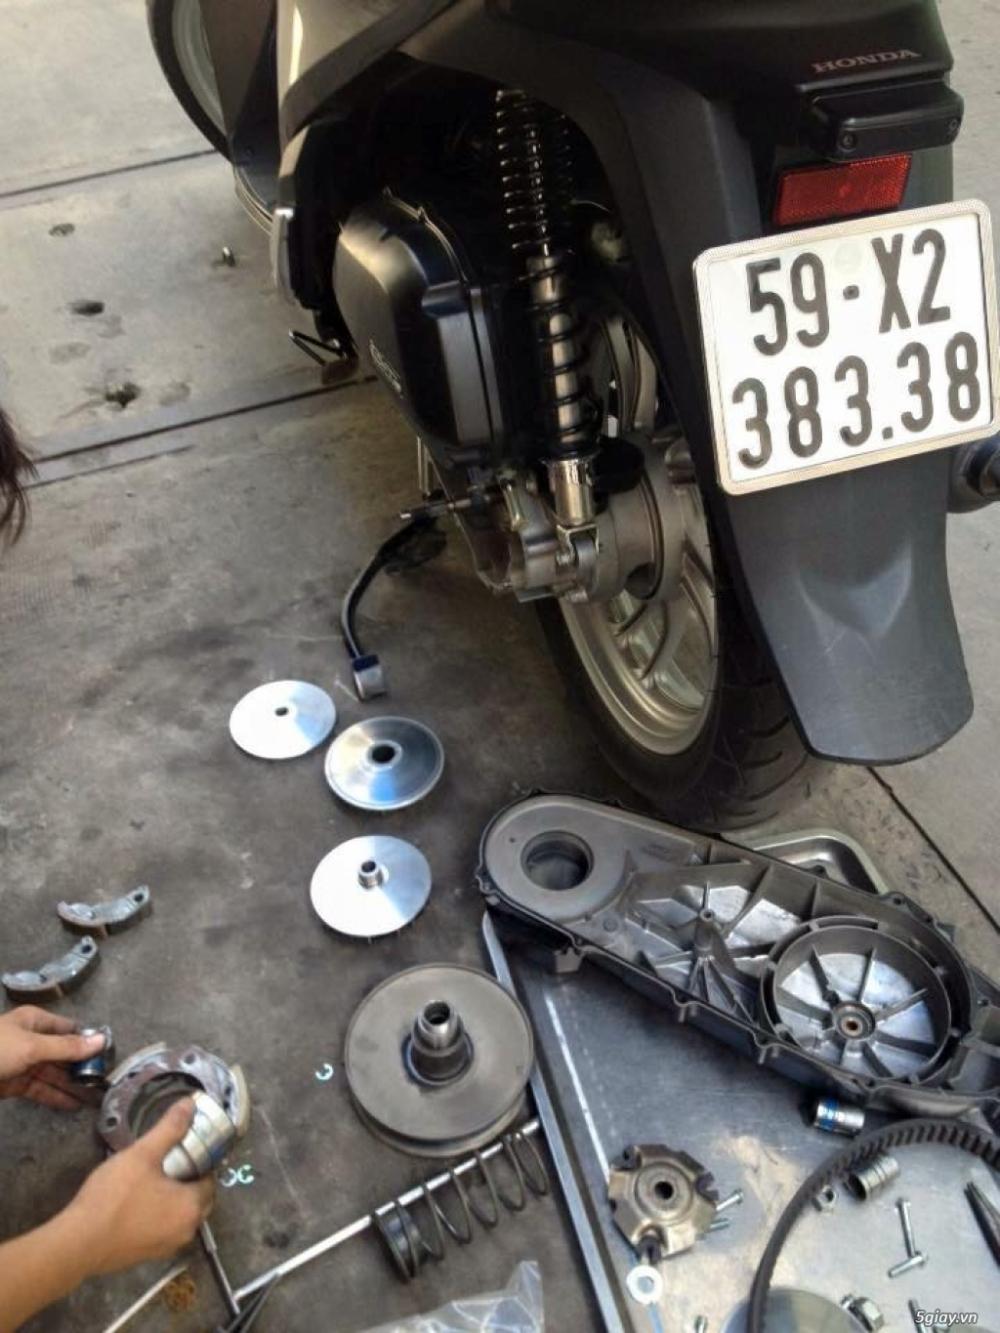 Chuyen Do Noi Xe Tay Ga Full Noi Noi Zin Bao Duong Ve Sinh Noi Cho Yamaha Honda Piago - 17